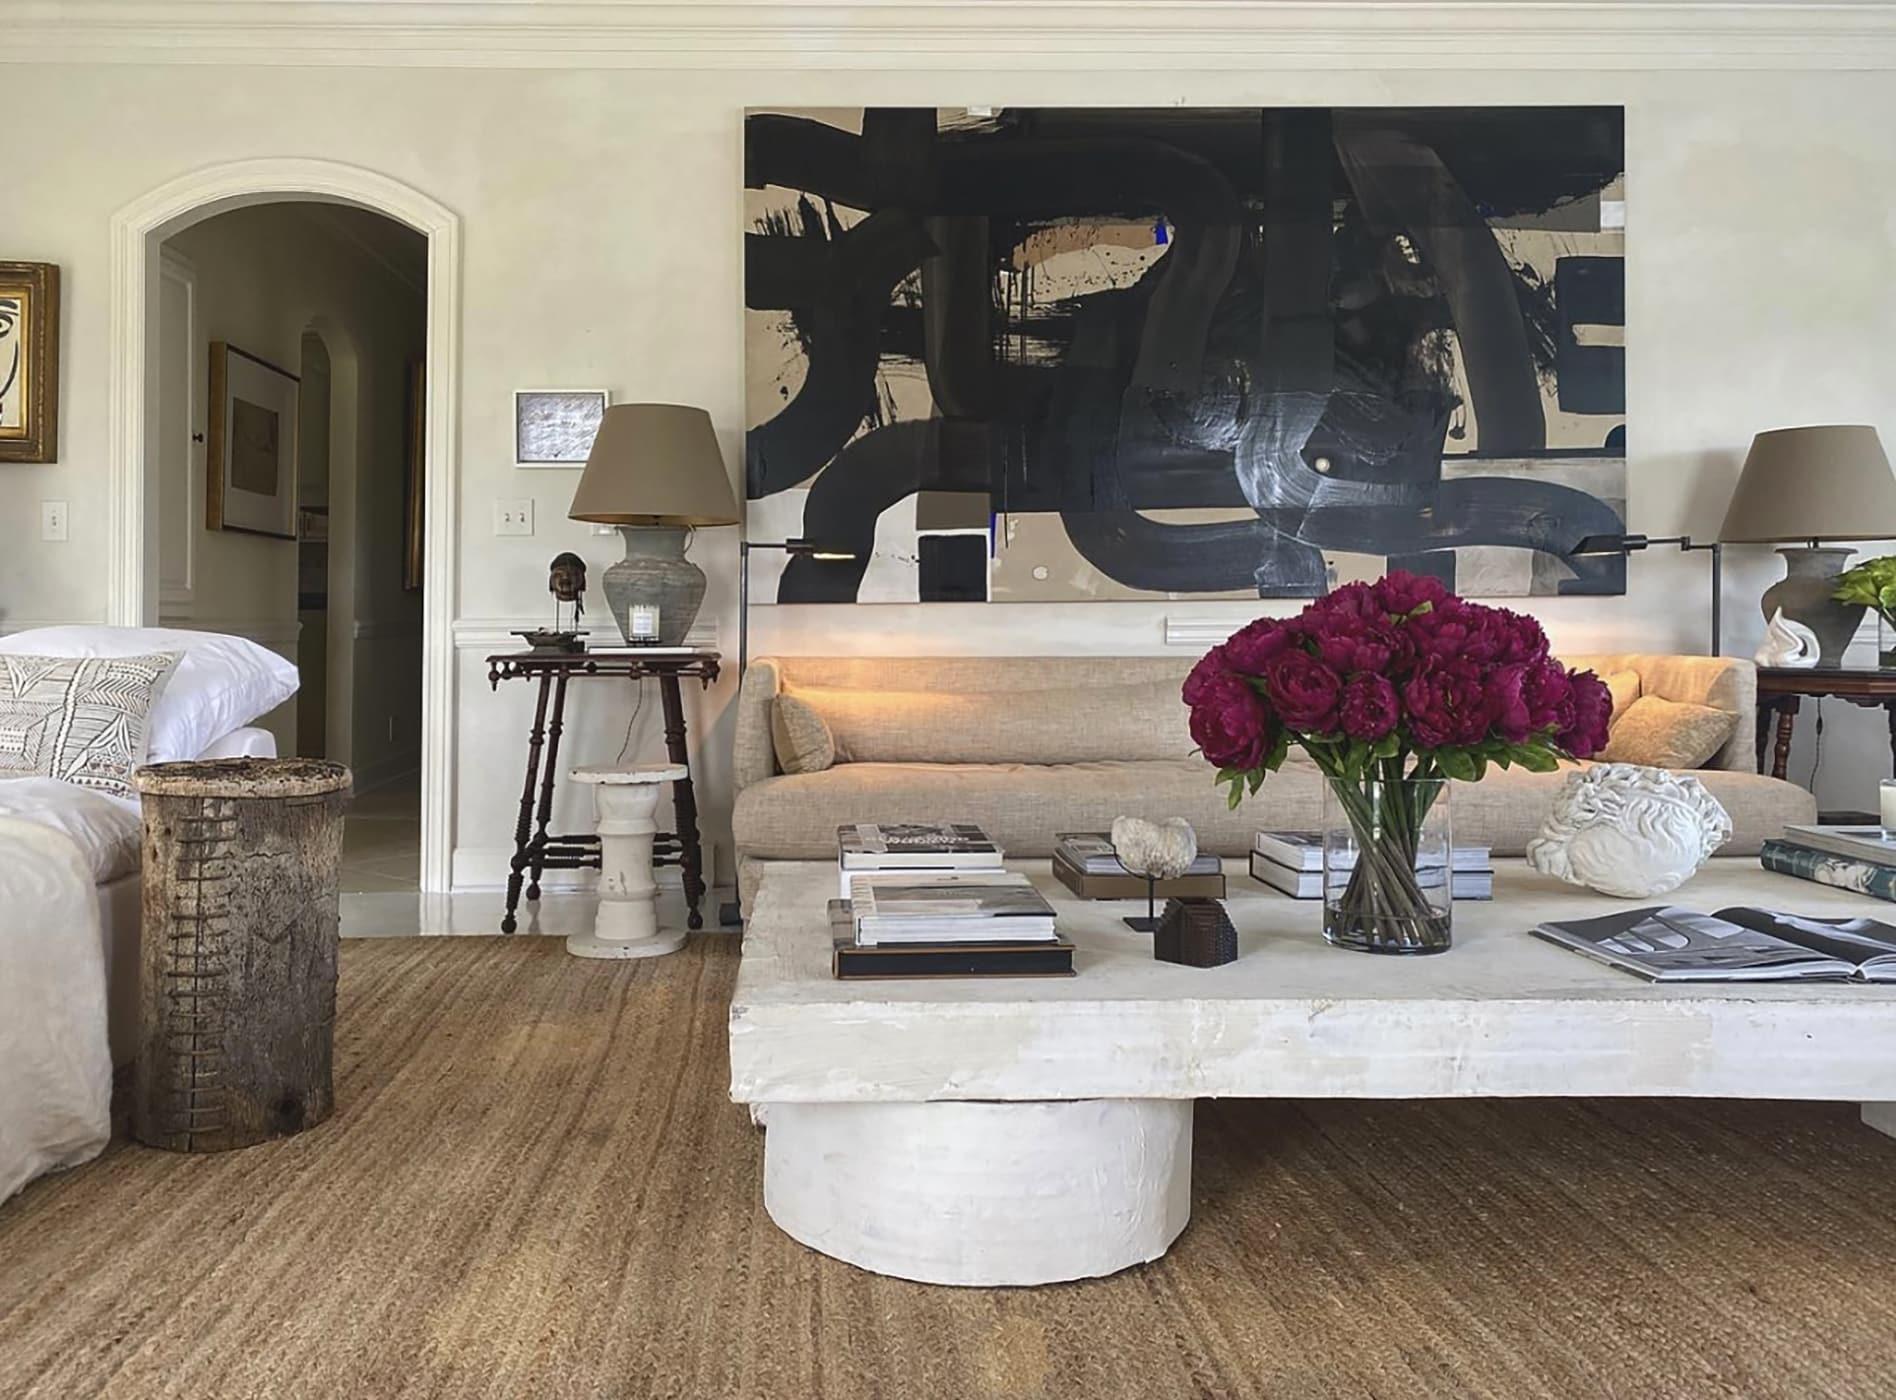 Artist William McClure's living room